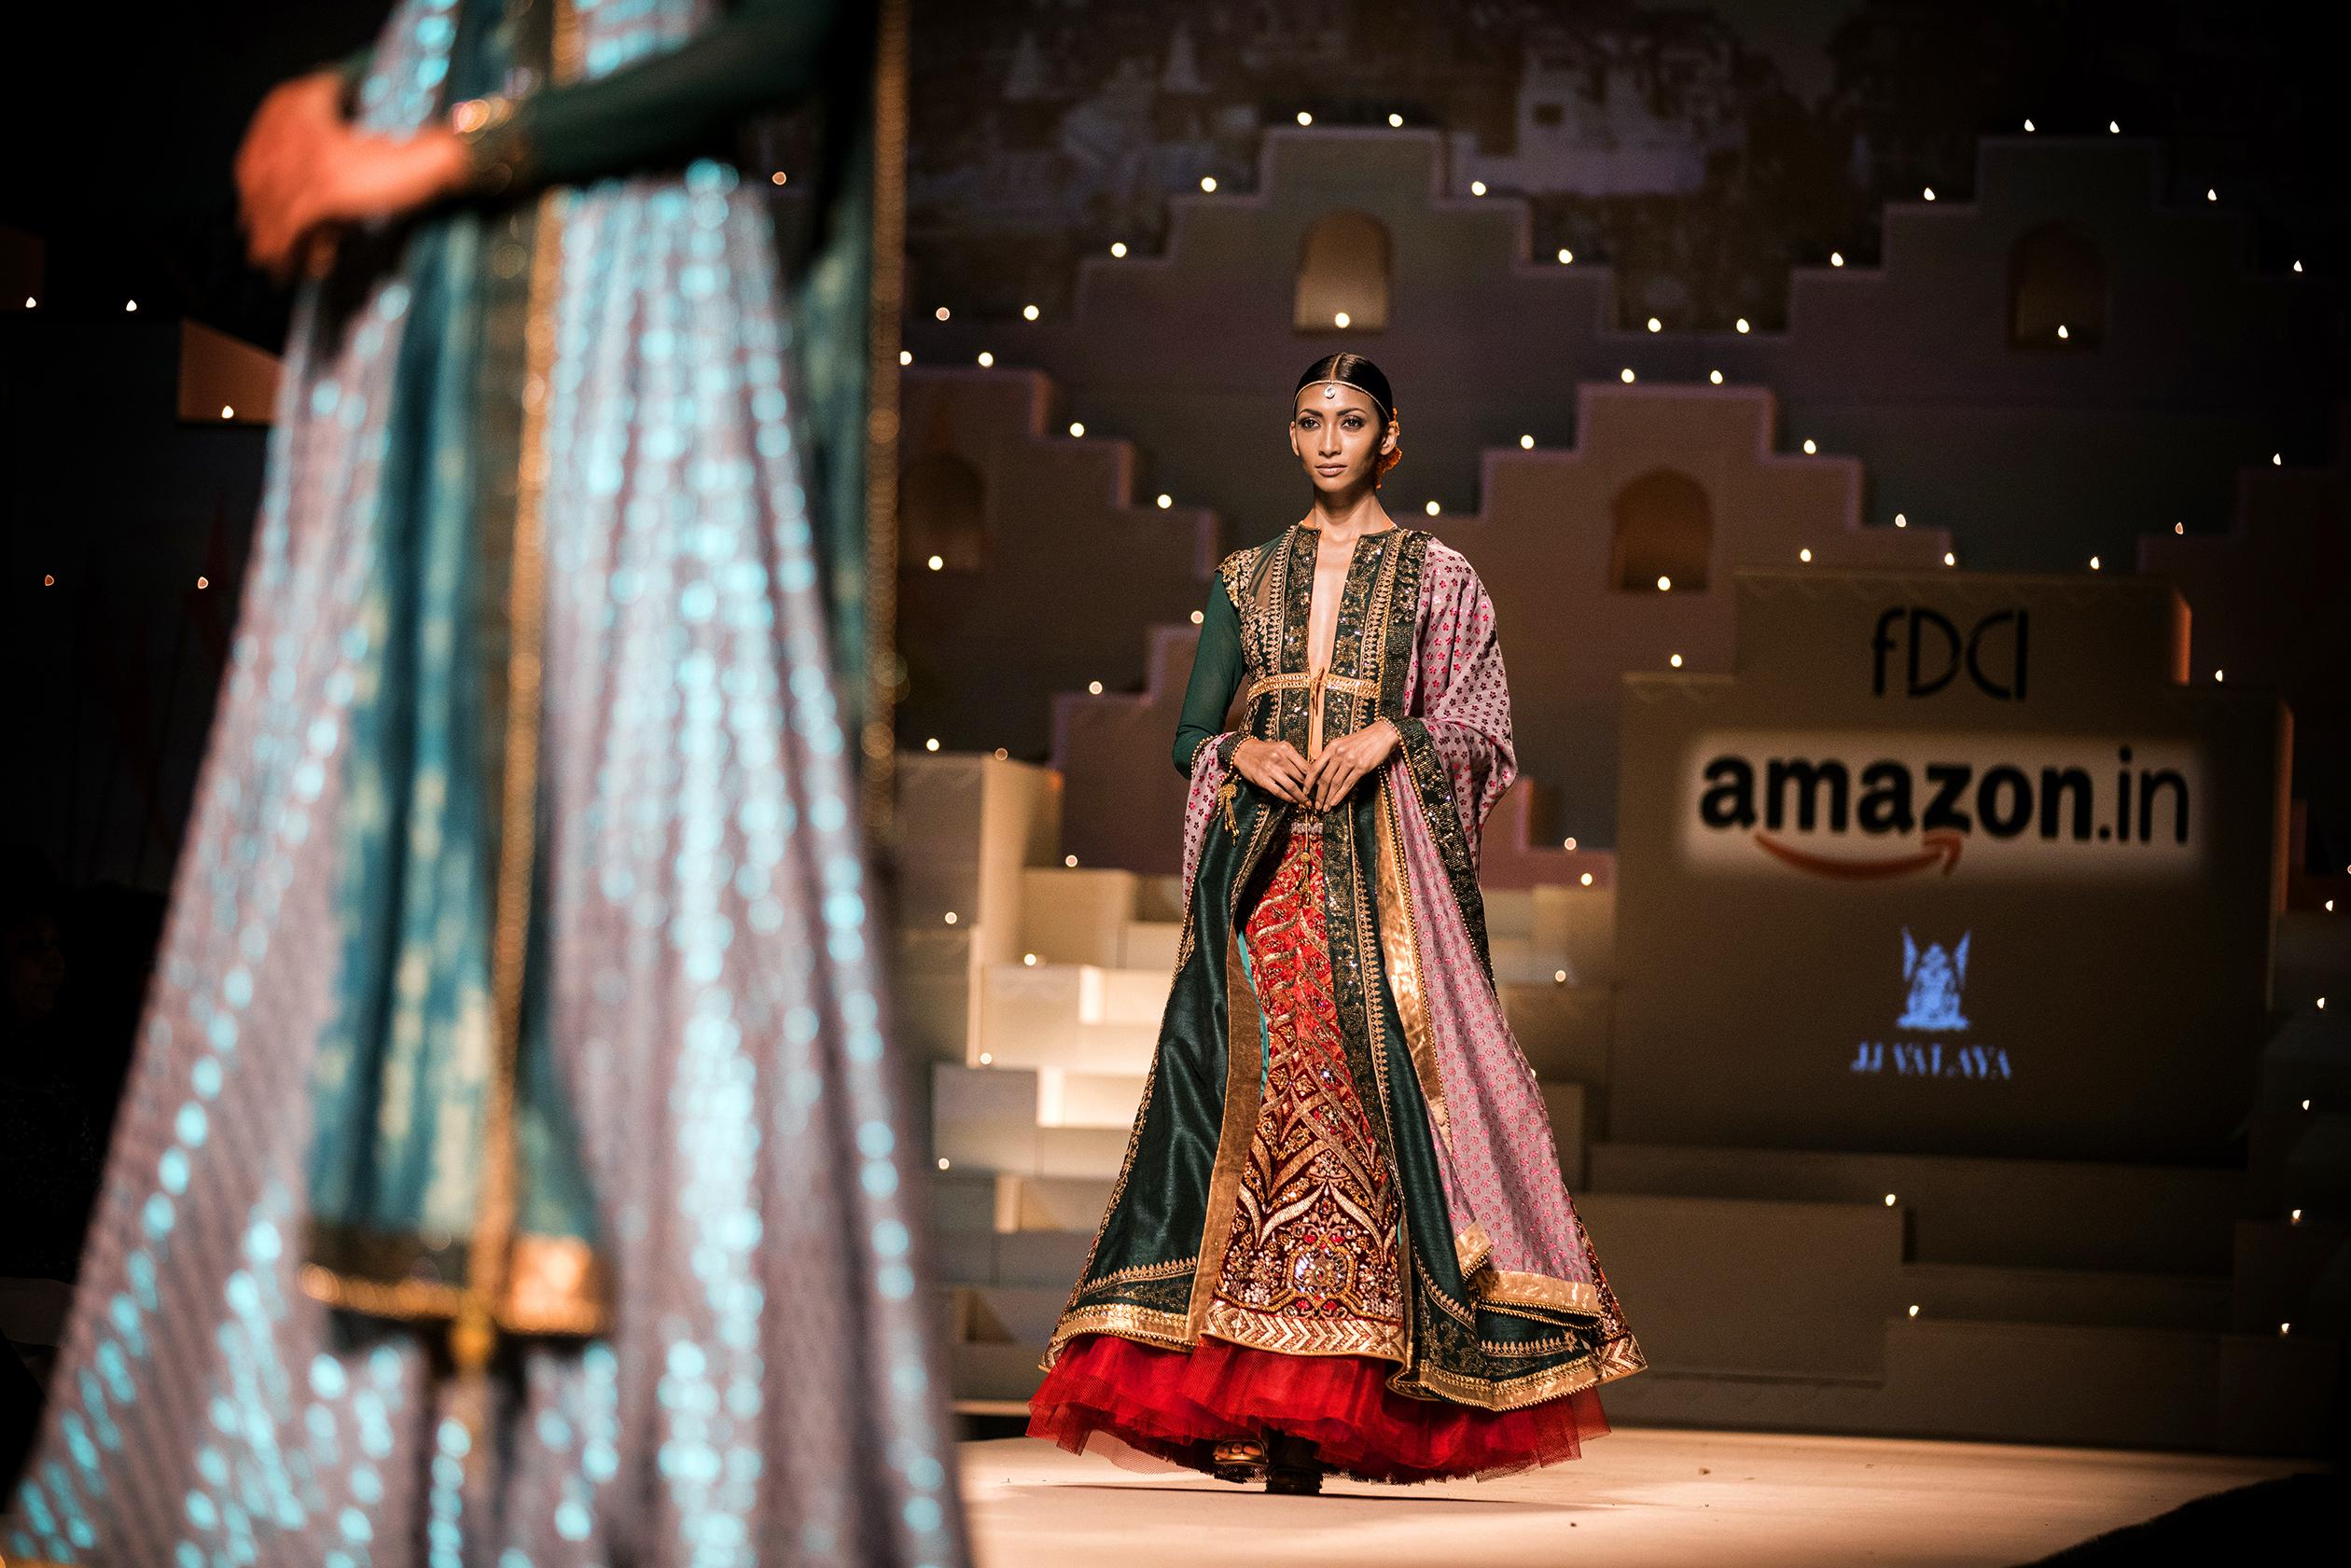 Amazon Invades India | Fortune